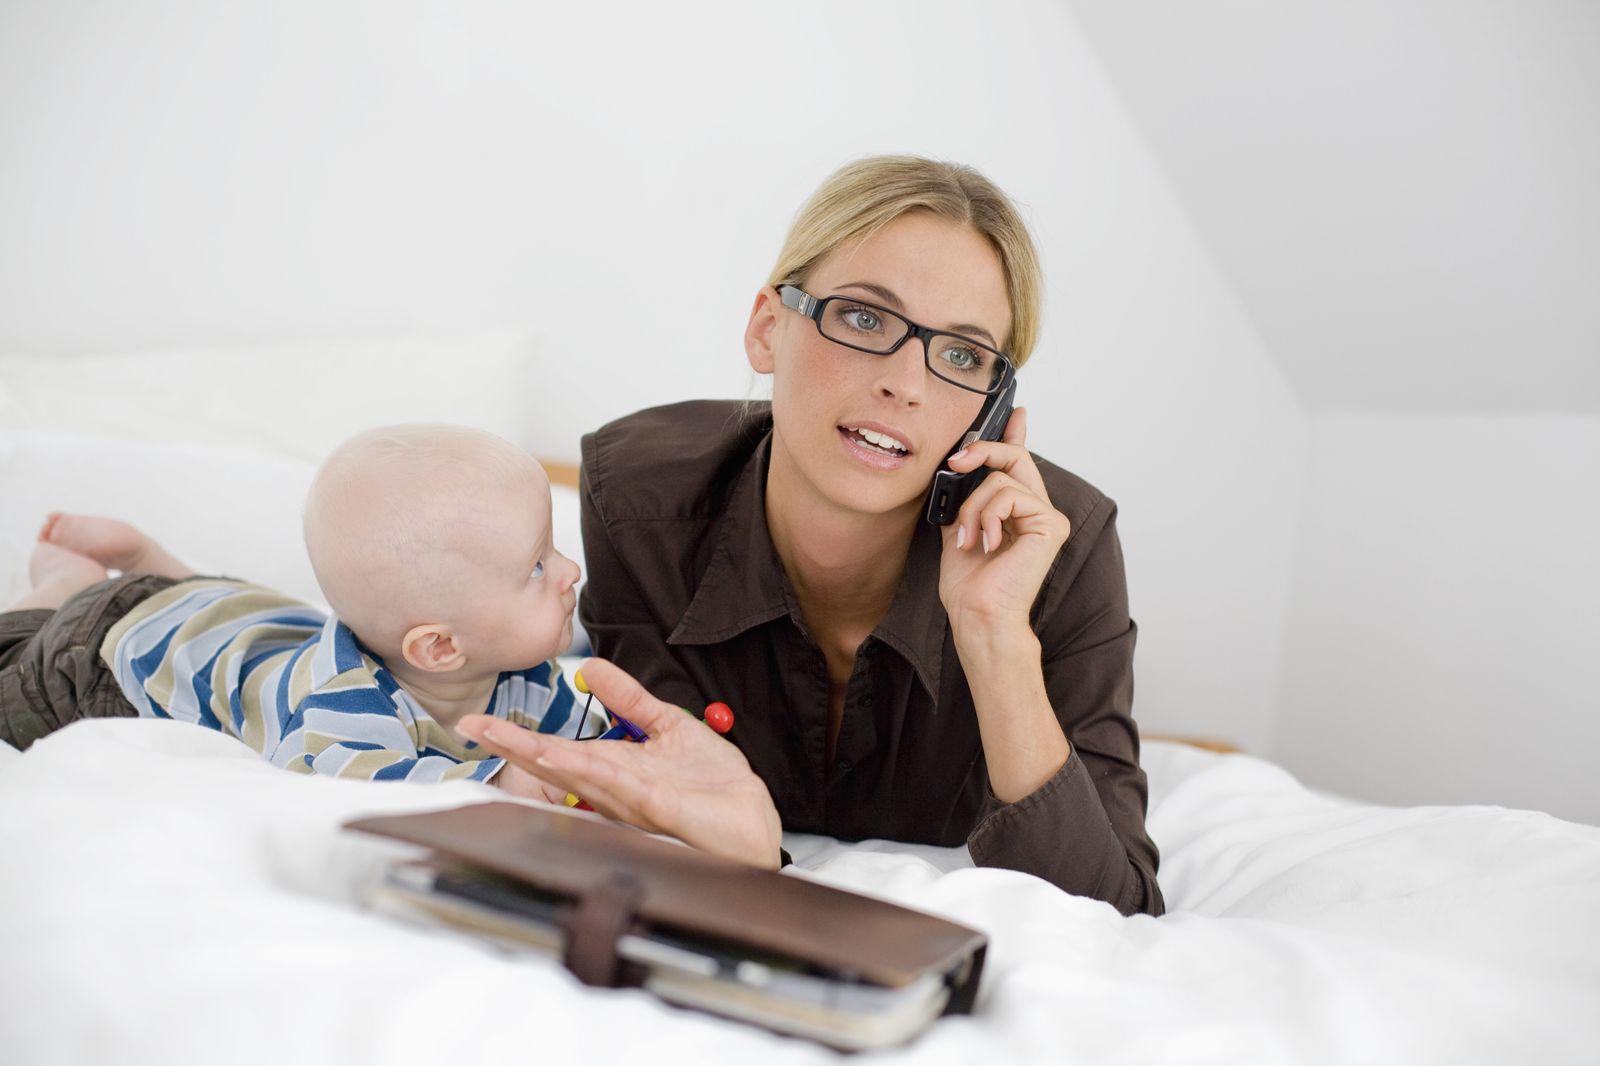 NICHT MEHR VERWENDEN! - Führen in Teilzeit / Büro / Baby / Chefin